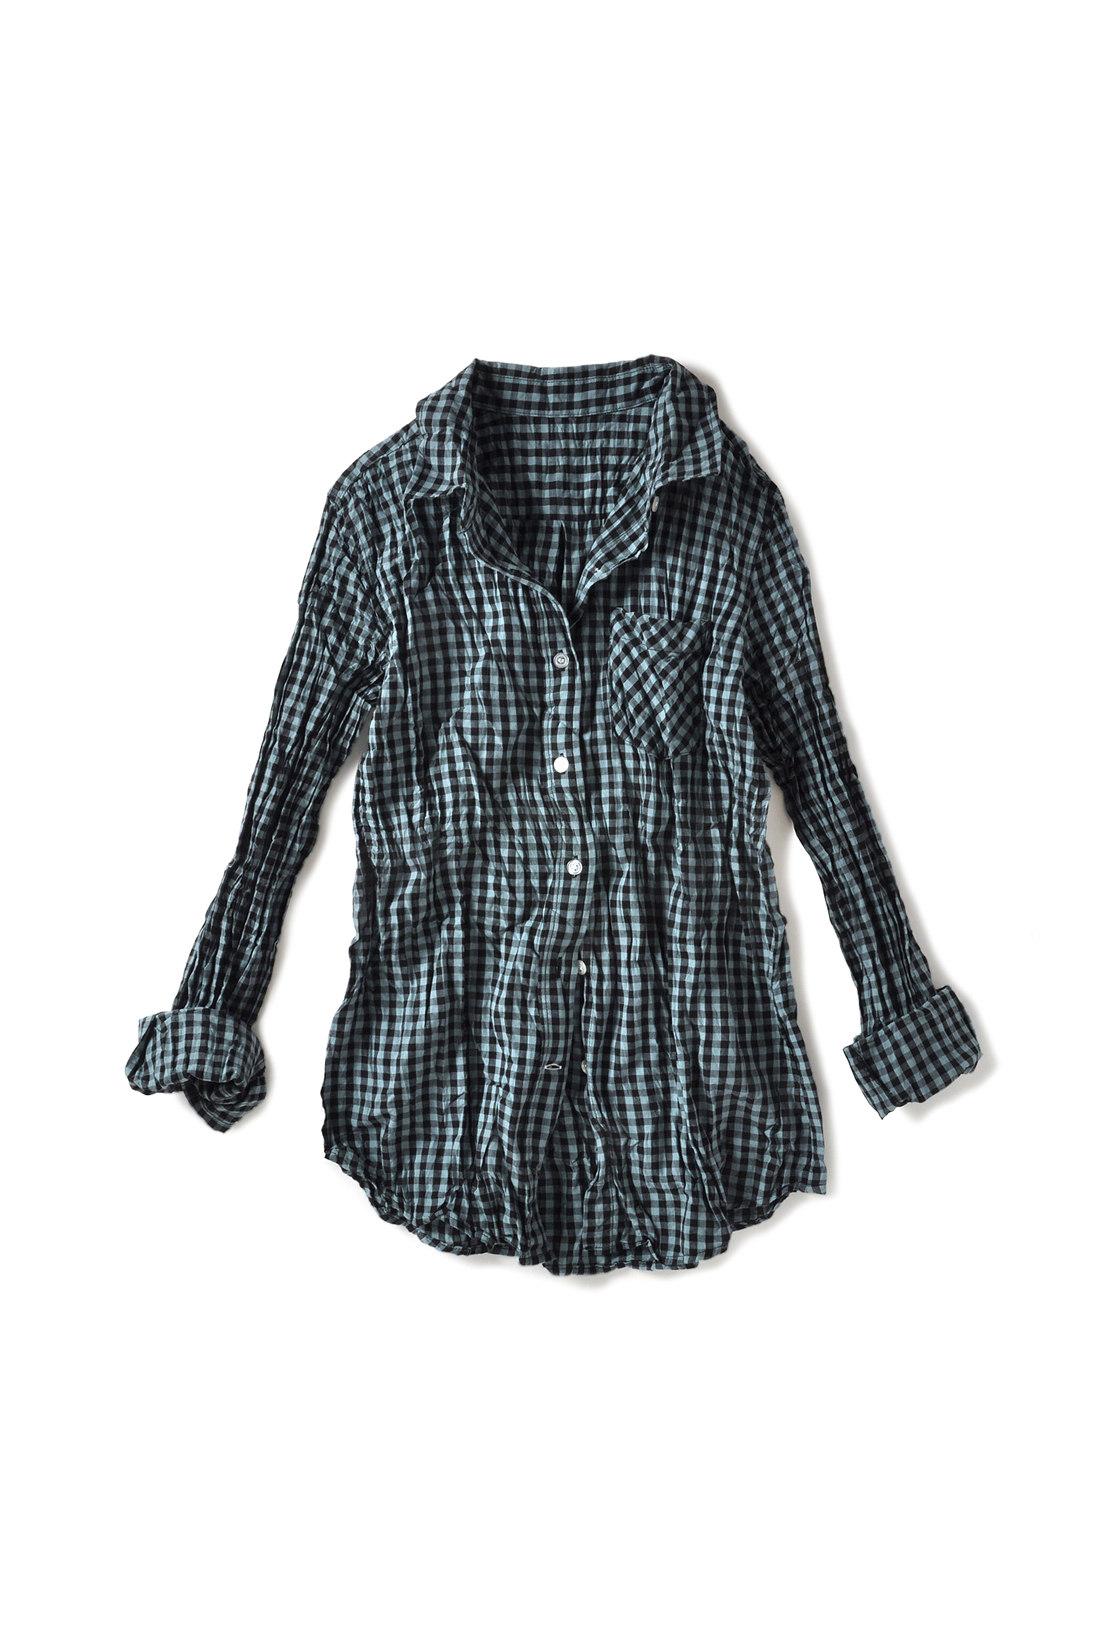 UVカット率の高い素材&手の甲まで隠れる長め袖。ほどよくコンパクトなシルエット。はおっても、腰巻きでもサマになる!